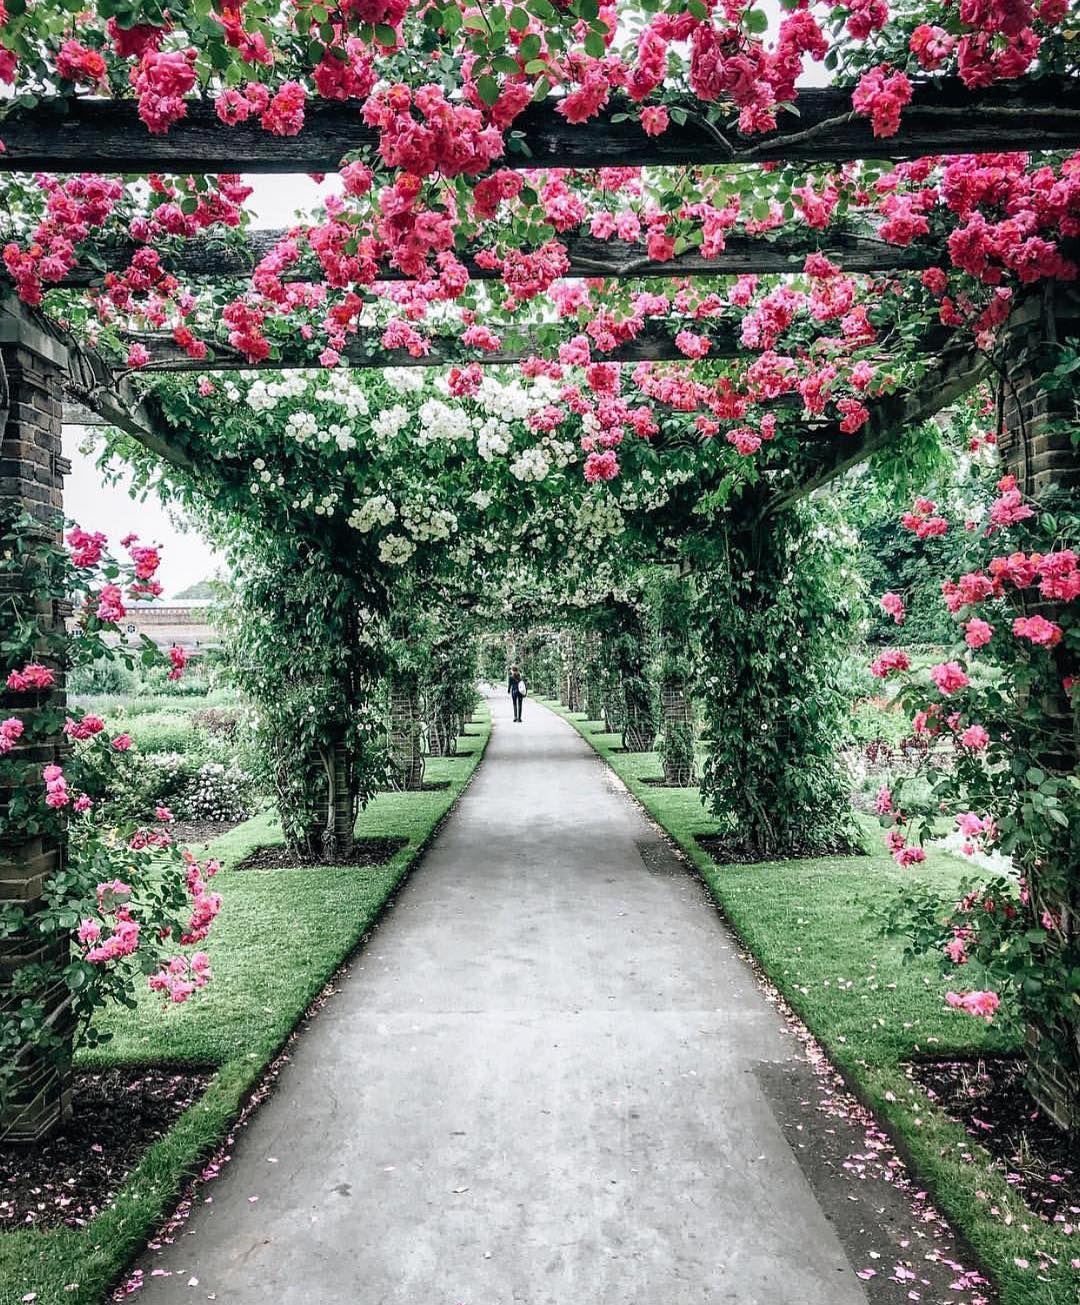 розовый сад фотографии они уютно